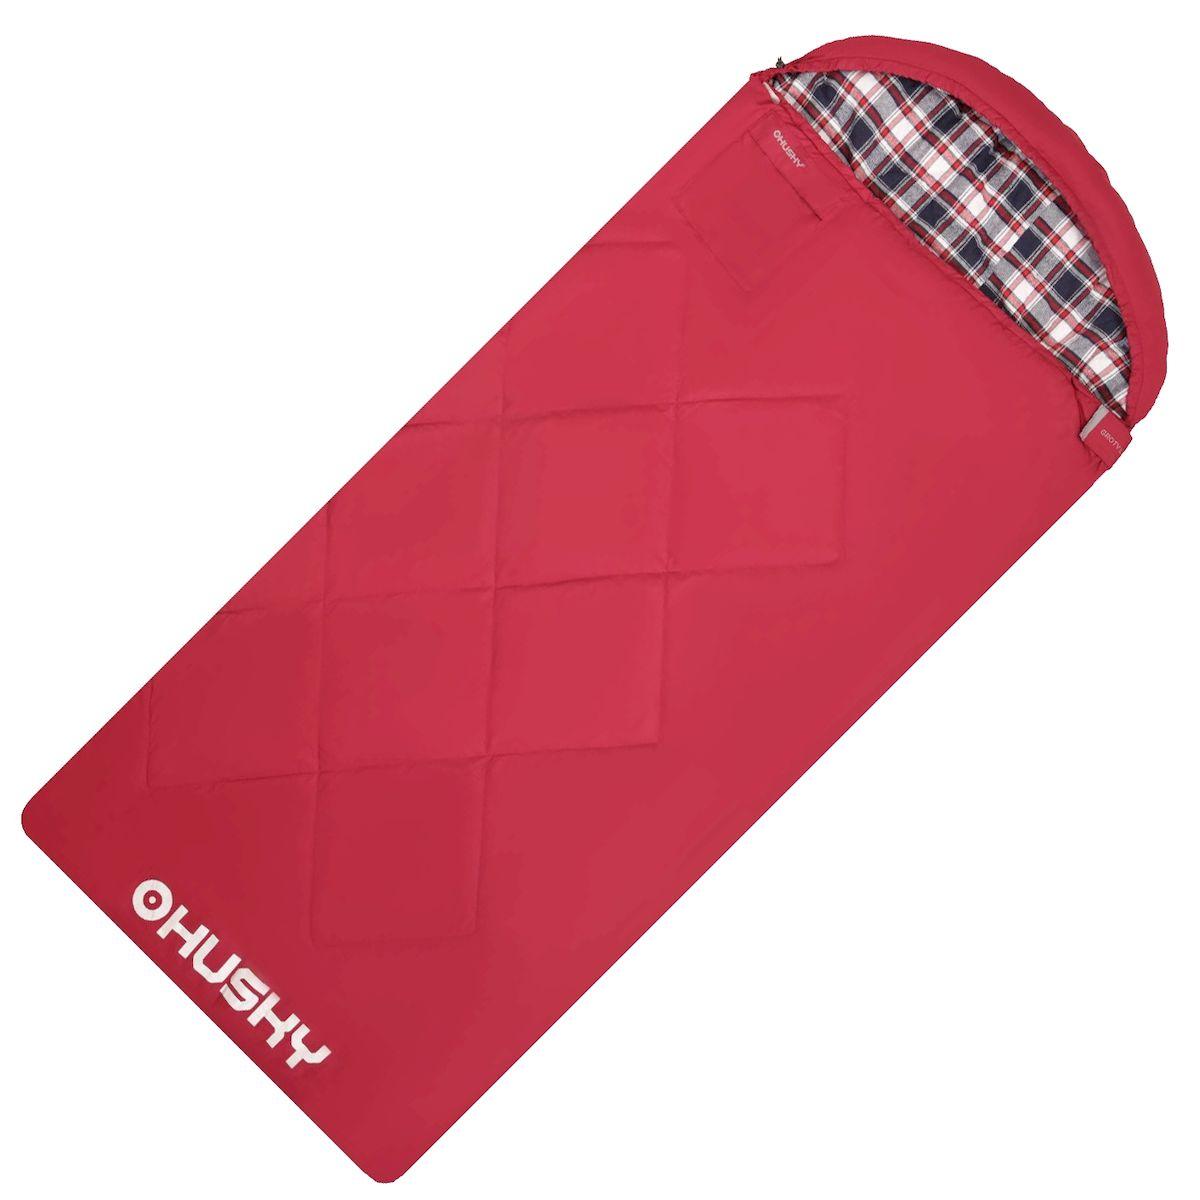 Спальник-одеяло Husky GROTY LADY -5С, правая молния, цвет: красныйУТ-000069832Двухслойный женский спальный мешок-одеяло GROTY LADY с подголовником до -5°C для кемпинга. Утеплитель из 4-х канального холофайбера, превосходная комбинация теплового комфорта с комфортом традиционного спального мешка-одеяла. Groty можно использовать не только на природе, но и в помещении как традиционное одеяло. Размер: 85 х 200 см;Размер в сложенном виде: 45 х 35 х 17 см;Вес: 2450 г/Экстремальная температура: -5°C; Комфортная температура: -0°C ... +5°C;- Внешний материал: Pongee 75D 210T (лен);- Внутренний материал: флис (полиэстер);- Утеплитель: 2 слоя 150 г/м2 HollowFibre;- Конструкция: два слоя;- Компрессионный мешок;- Петли для сушки.